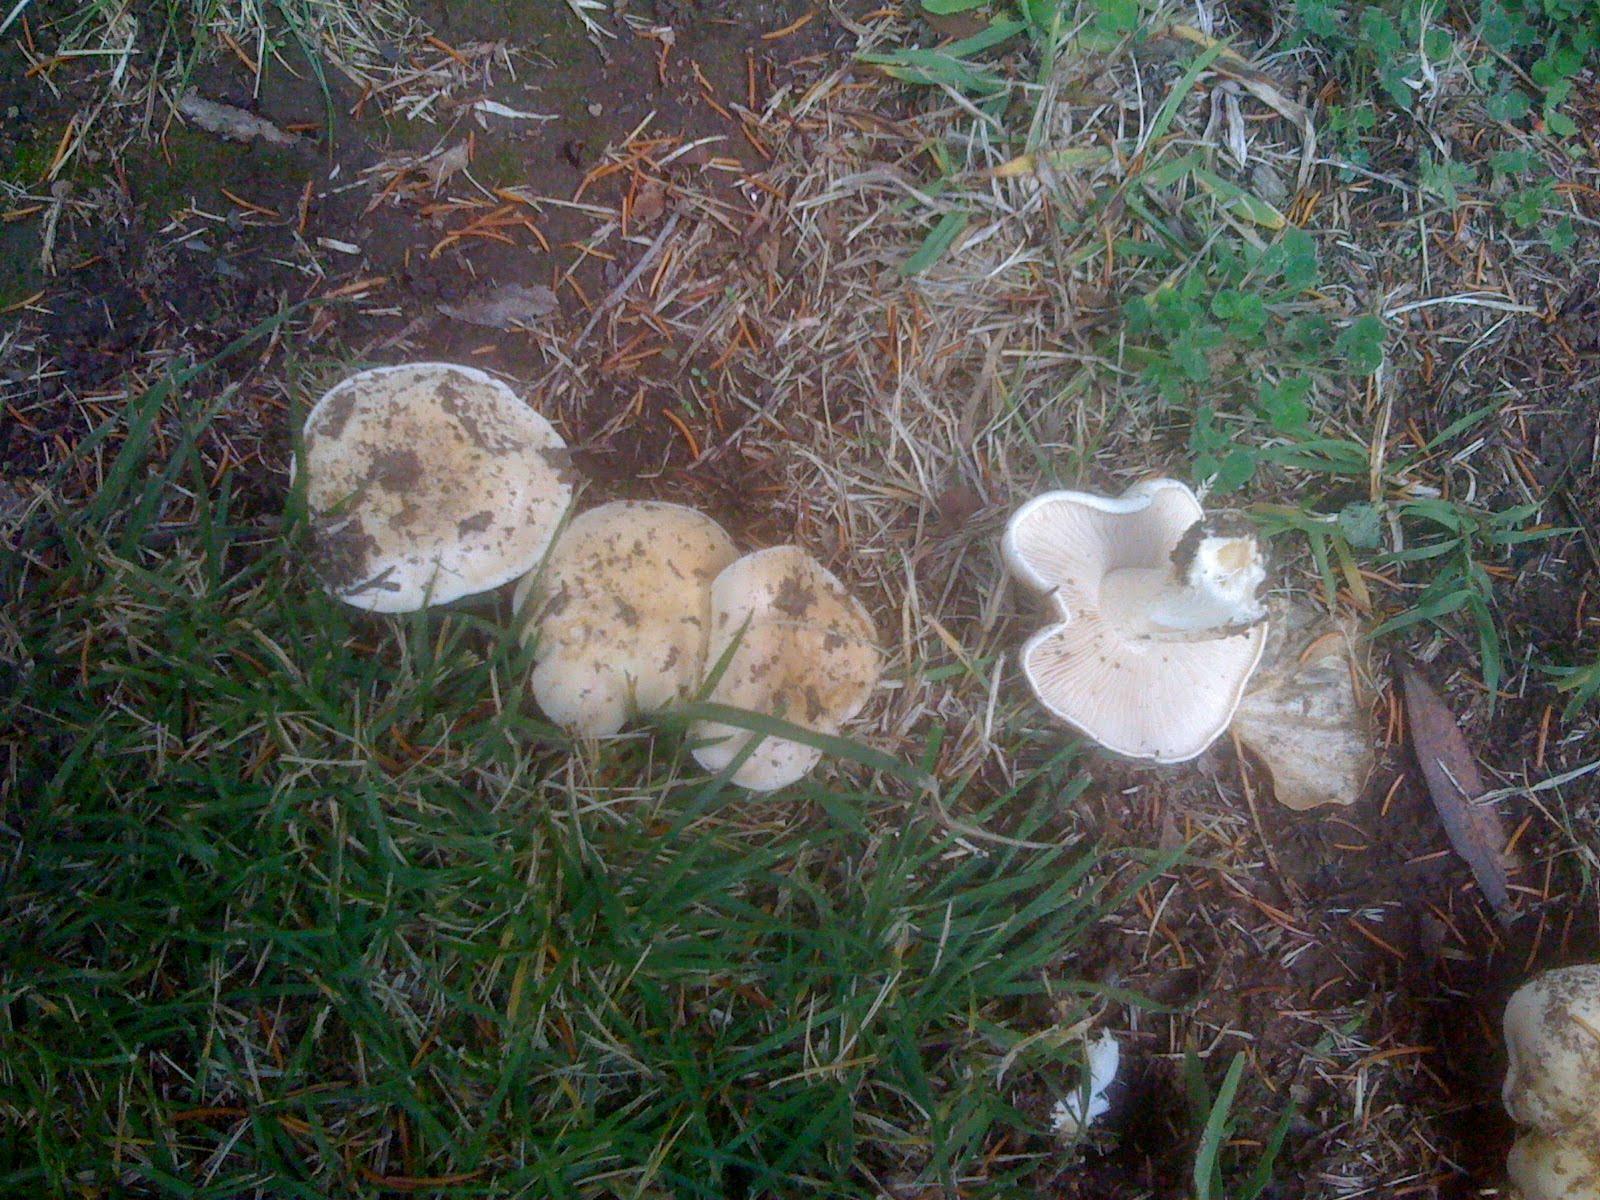 soilduck fanciful fungi 3 truffles in your backyard